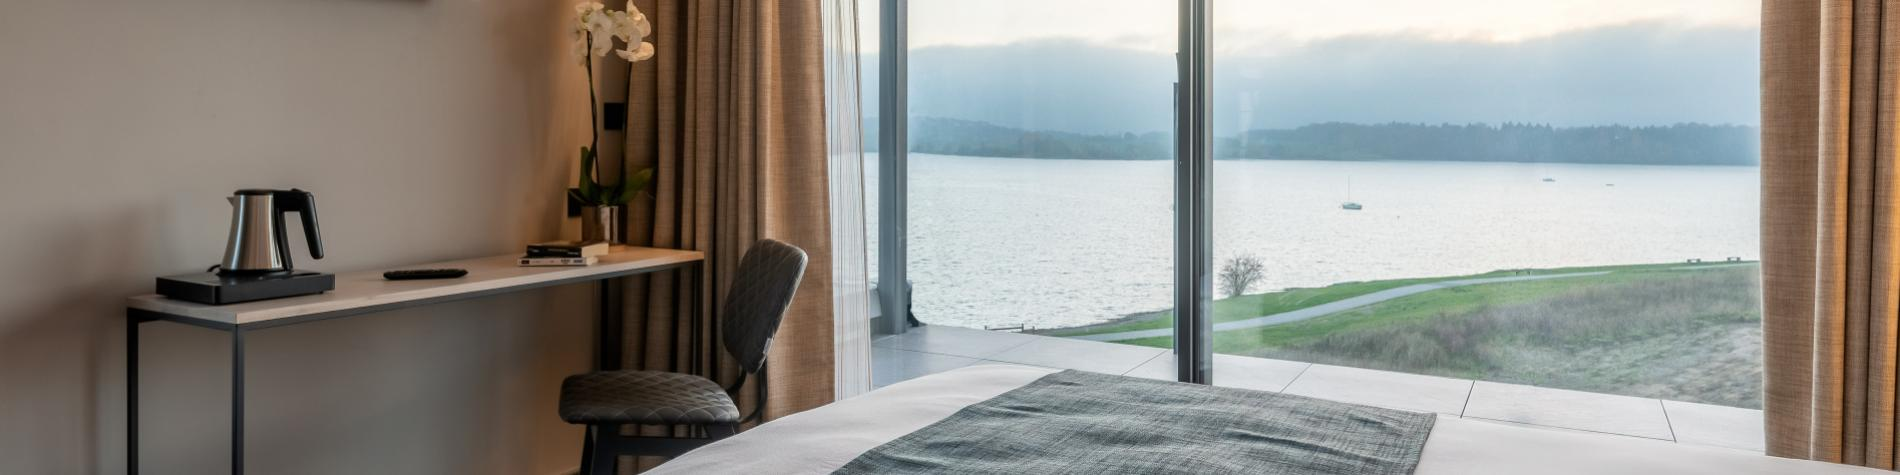 golden lakes Hotel lacs eau d'heure, vue sur les lacs d'une chambre